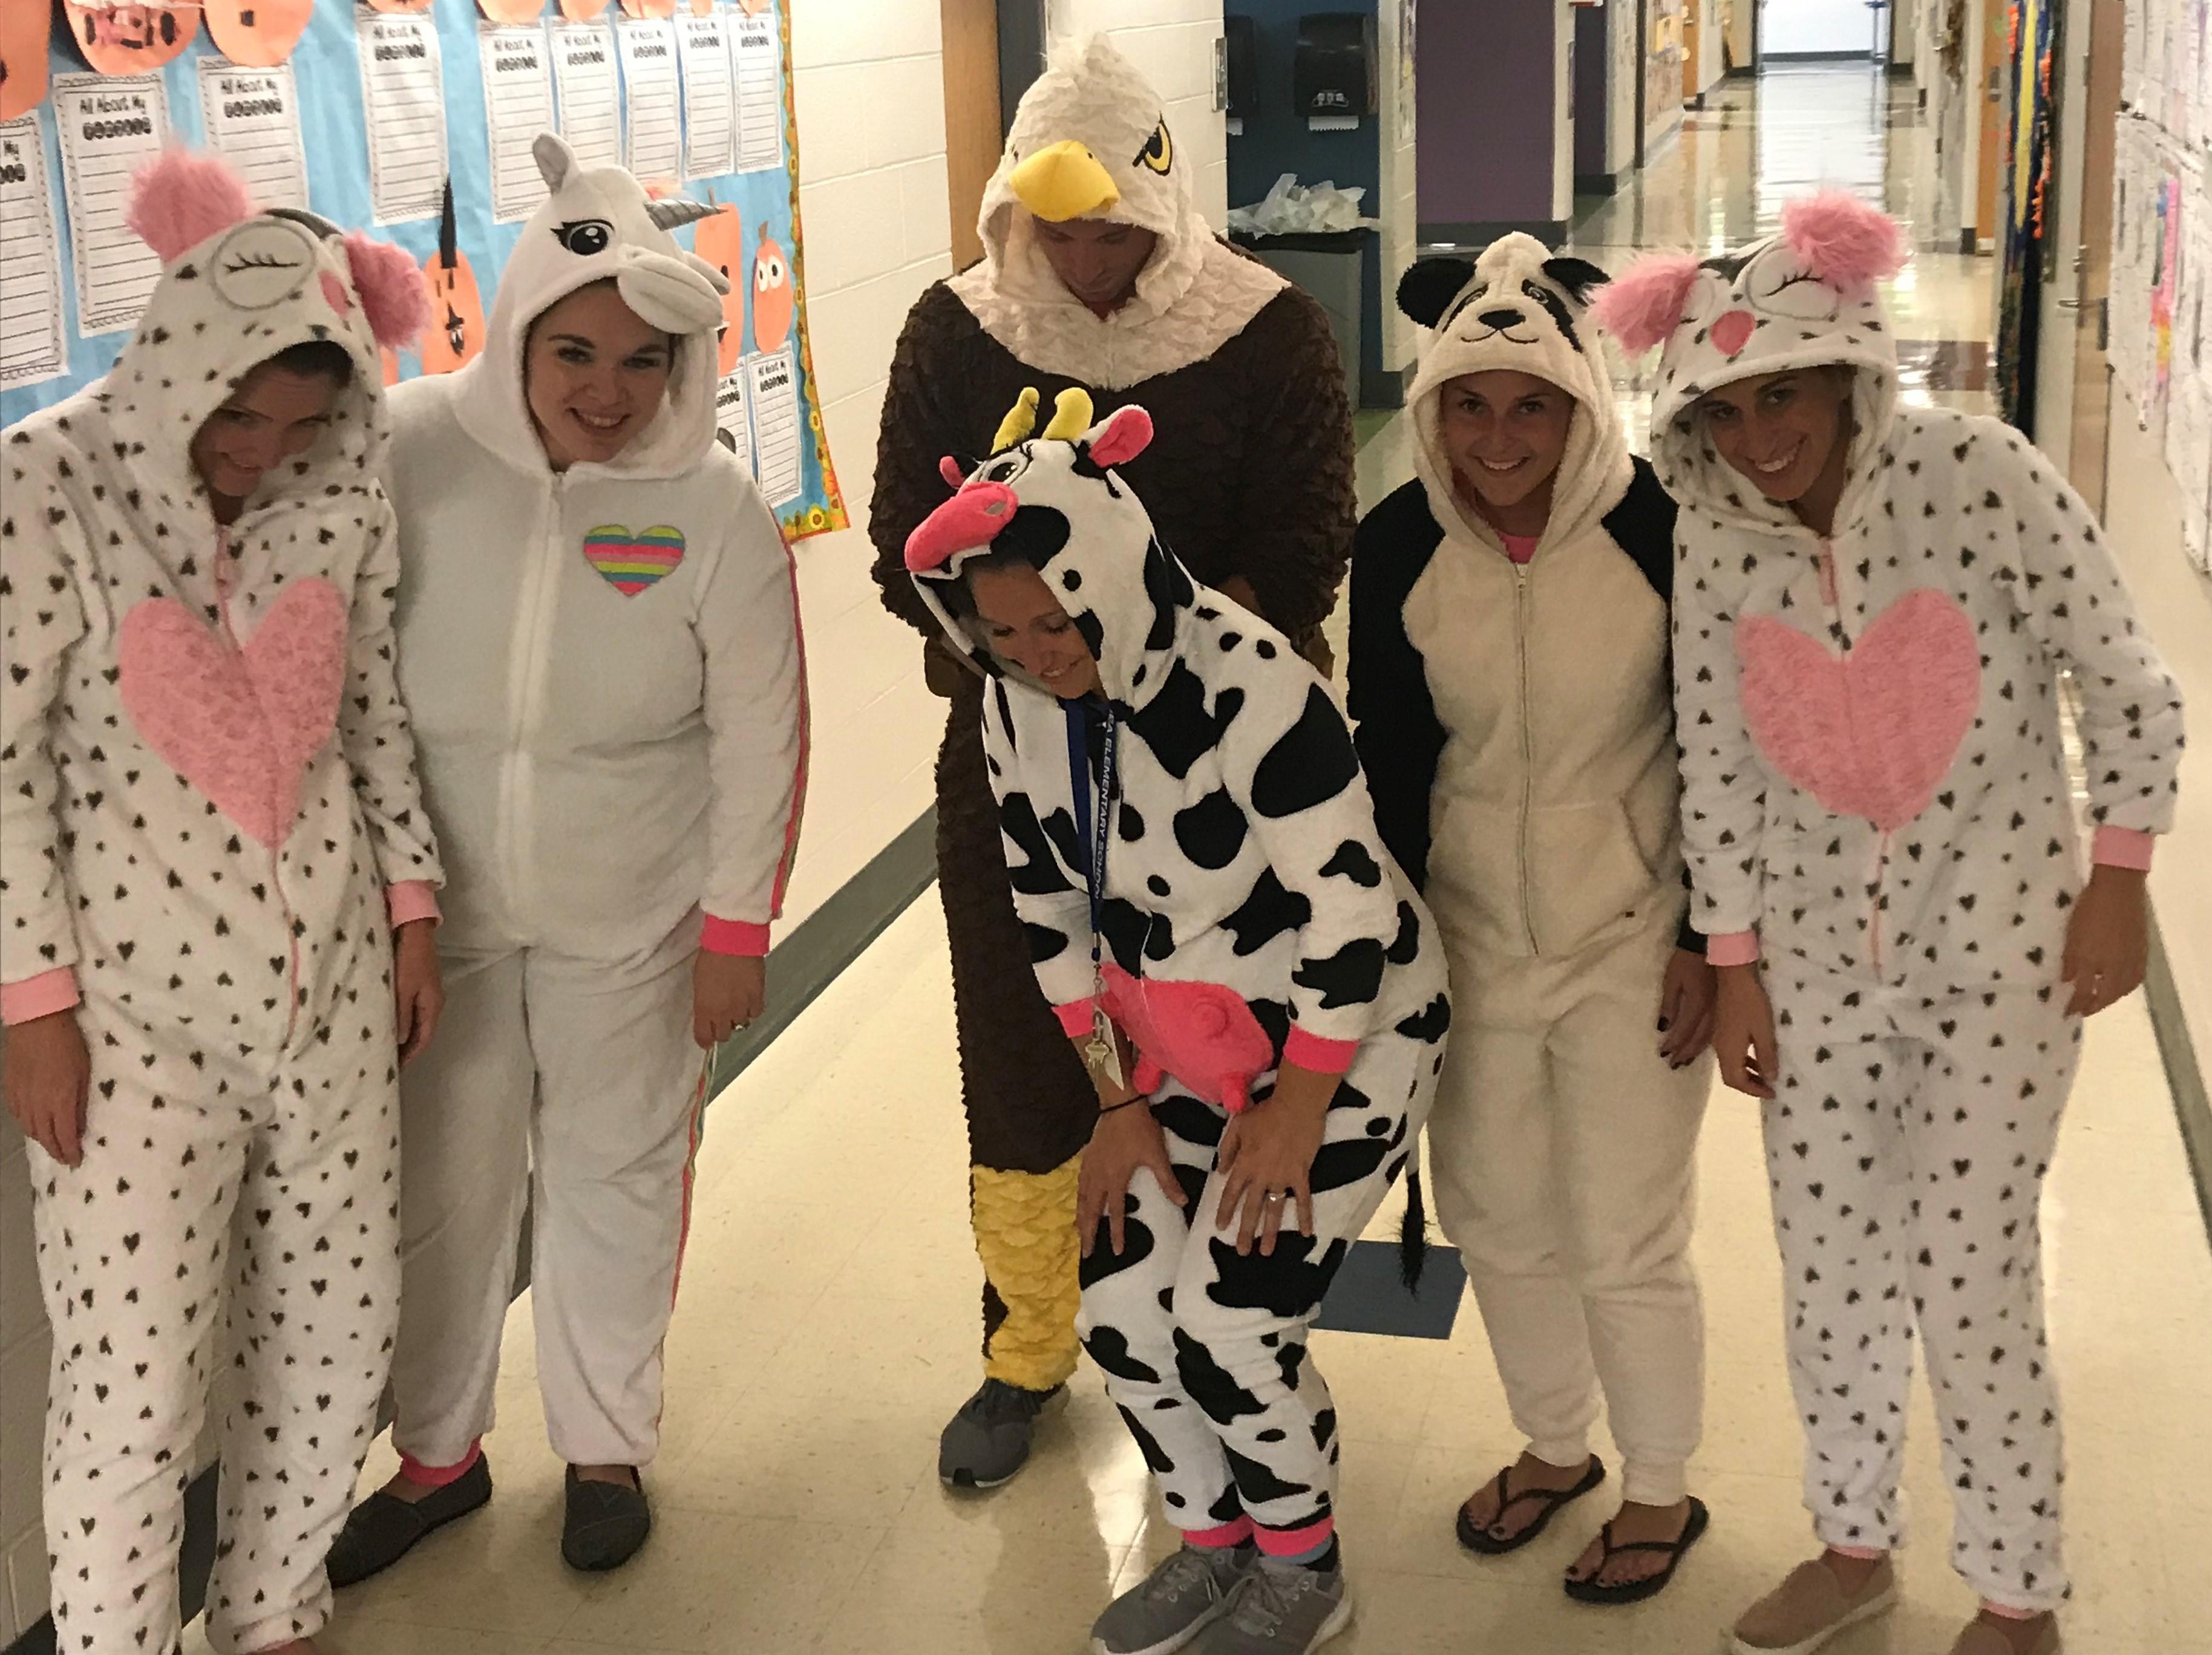 2nd grade teachers wearing pajamas for Pajama Day during Red Ribbon Week